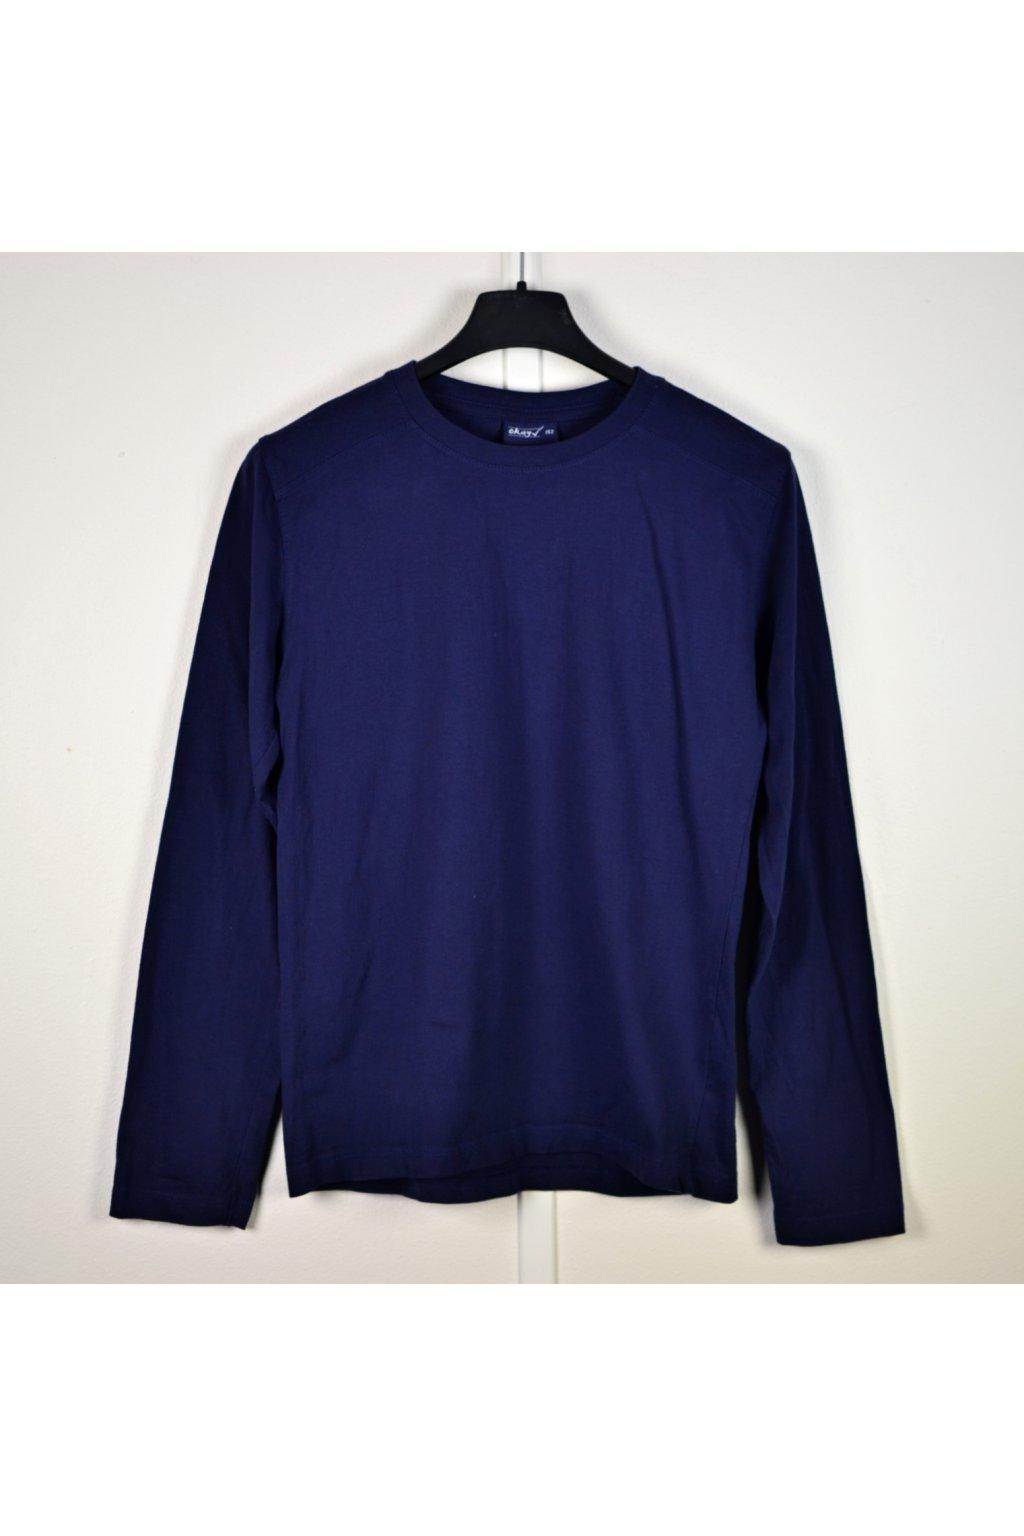 Tričko Okay vel 152 dlouhý rukáv modré